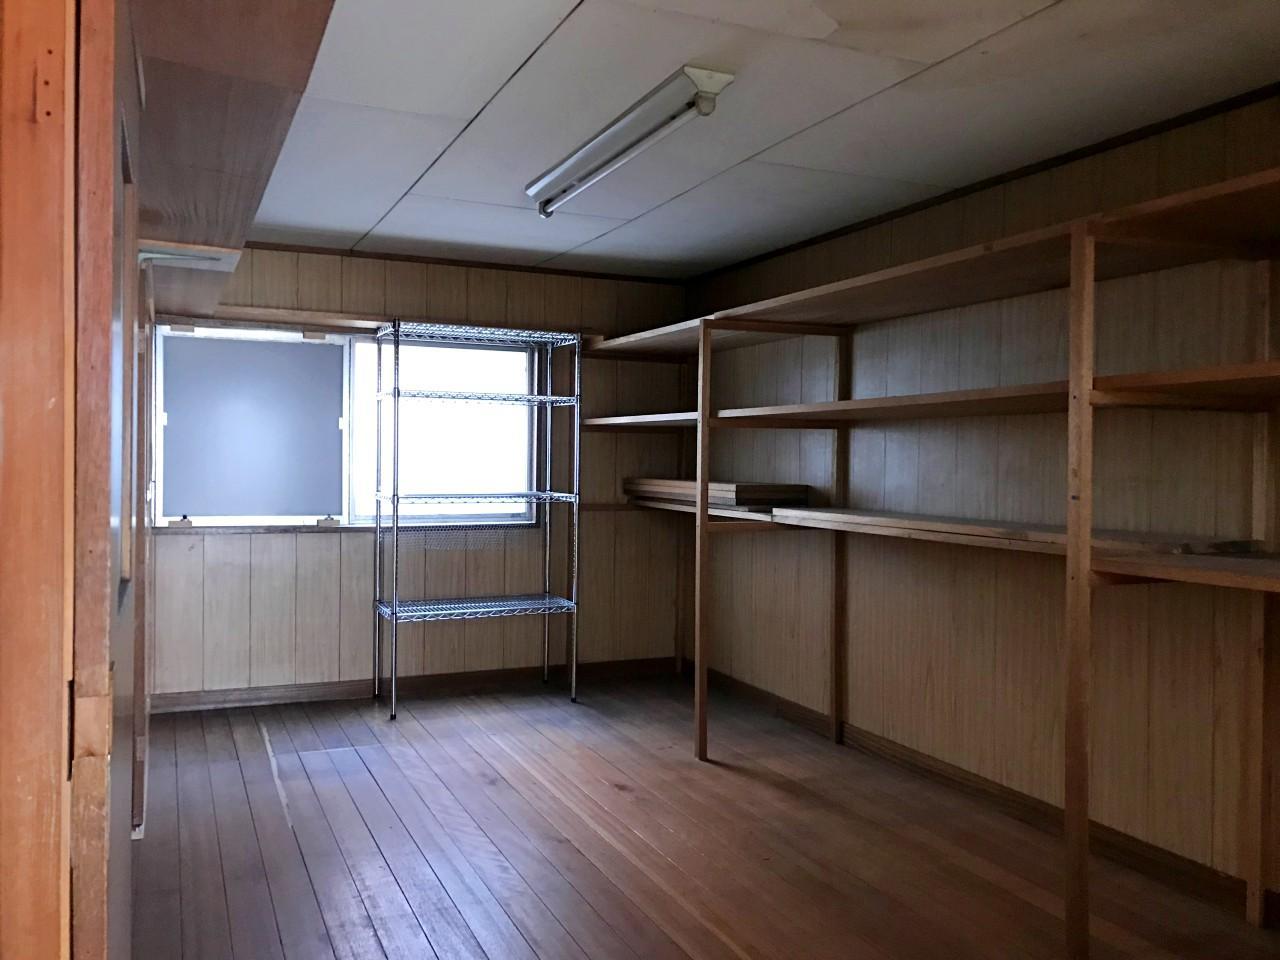 3階には(おそらく)商品保管用の倉庫スペース